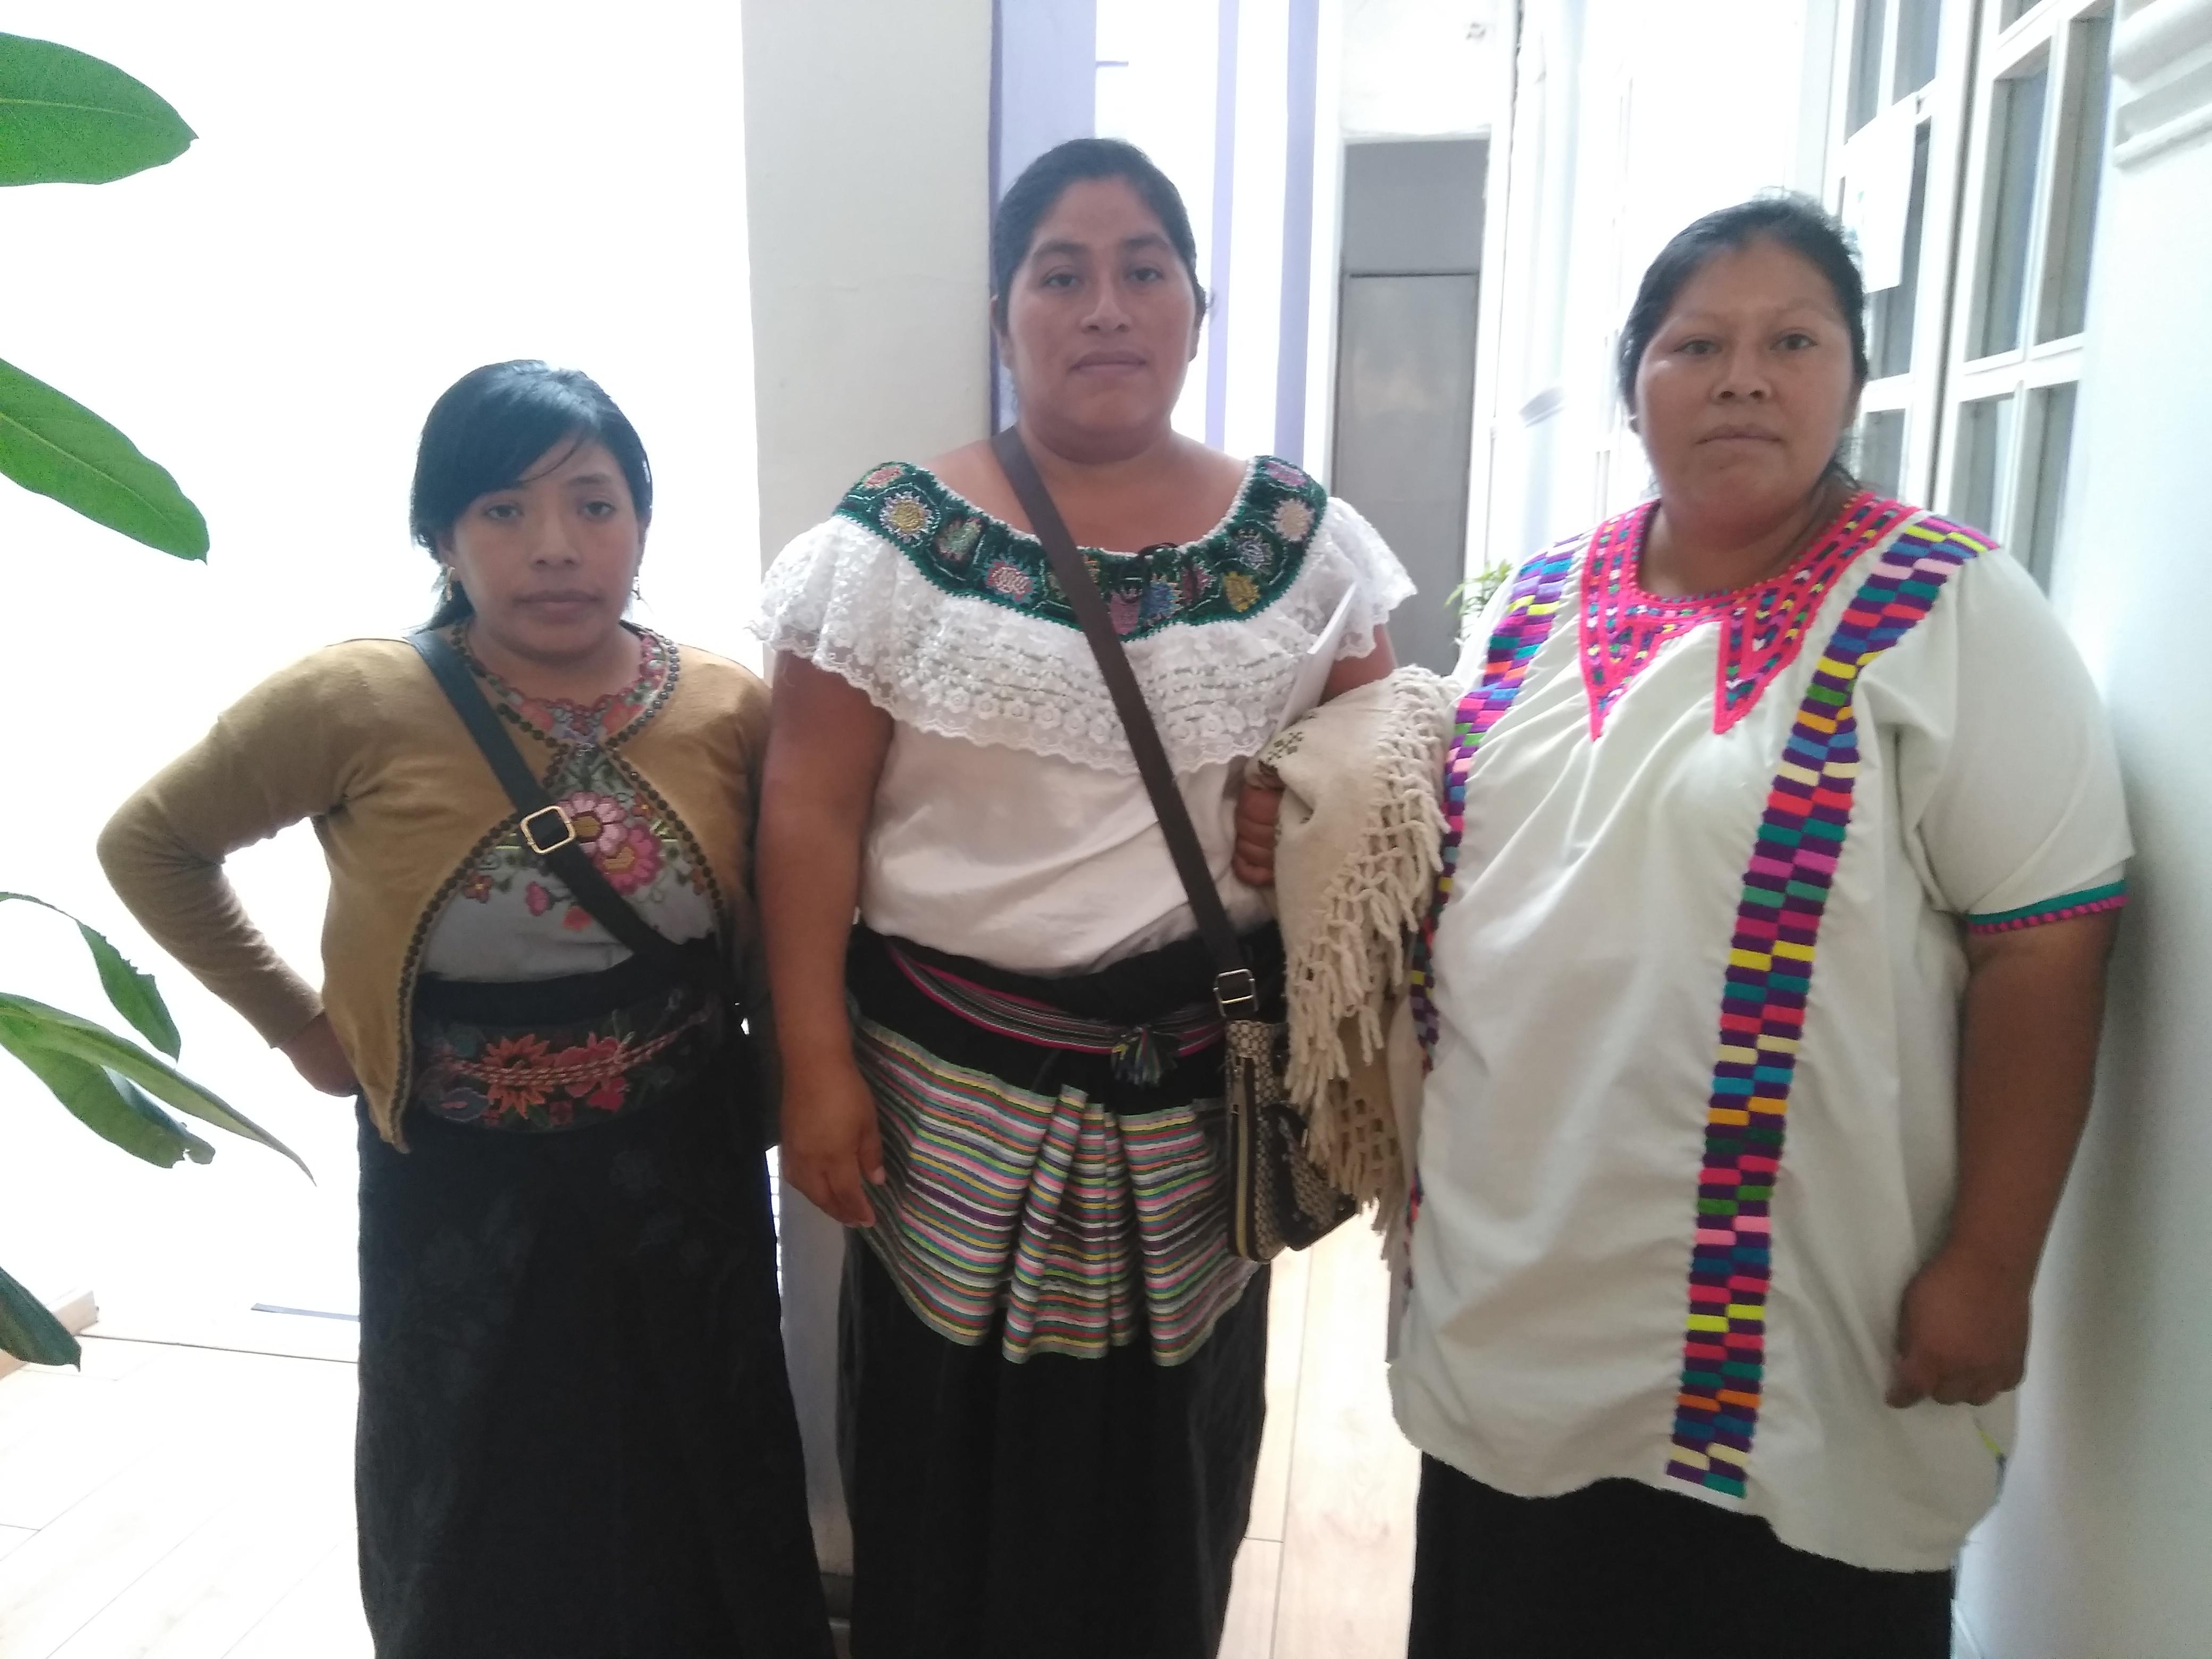 Comisionadas de la Caravana de Pies Cansados llegaron a la Ciudad de México para tener un acercamiento con el nuevo gobierno (Foto: Patricia Juárez/ Infobae México)